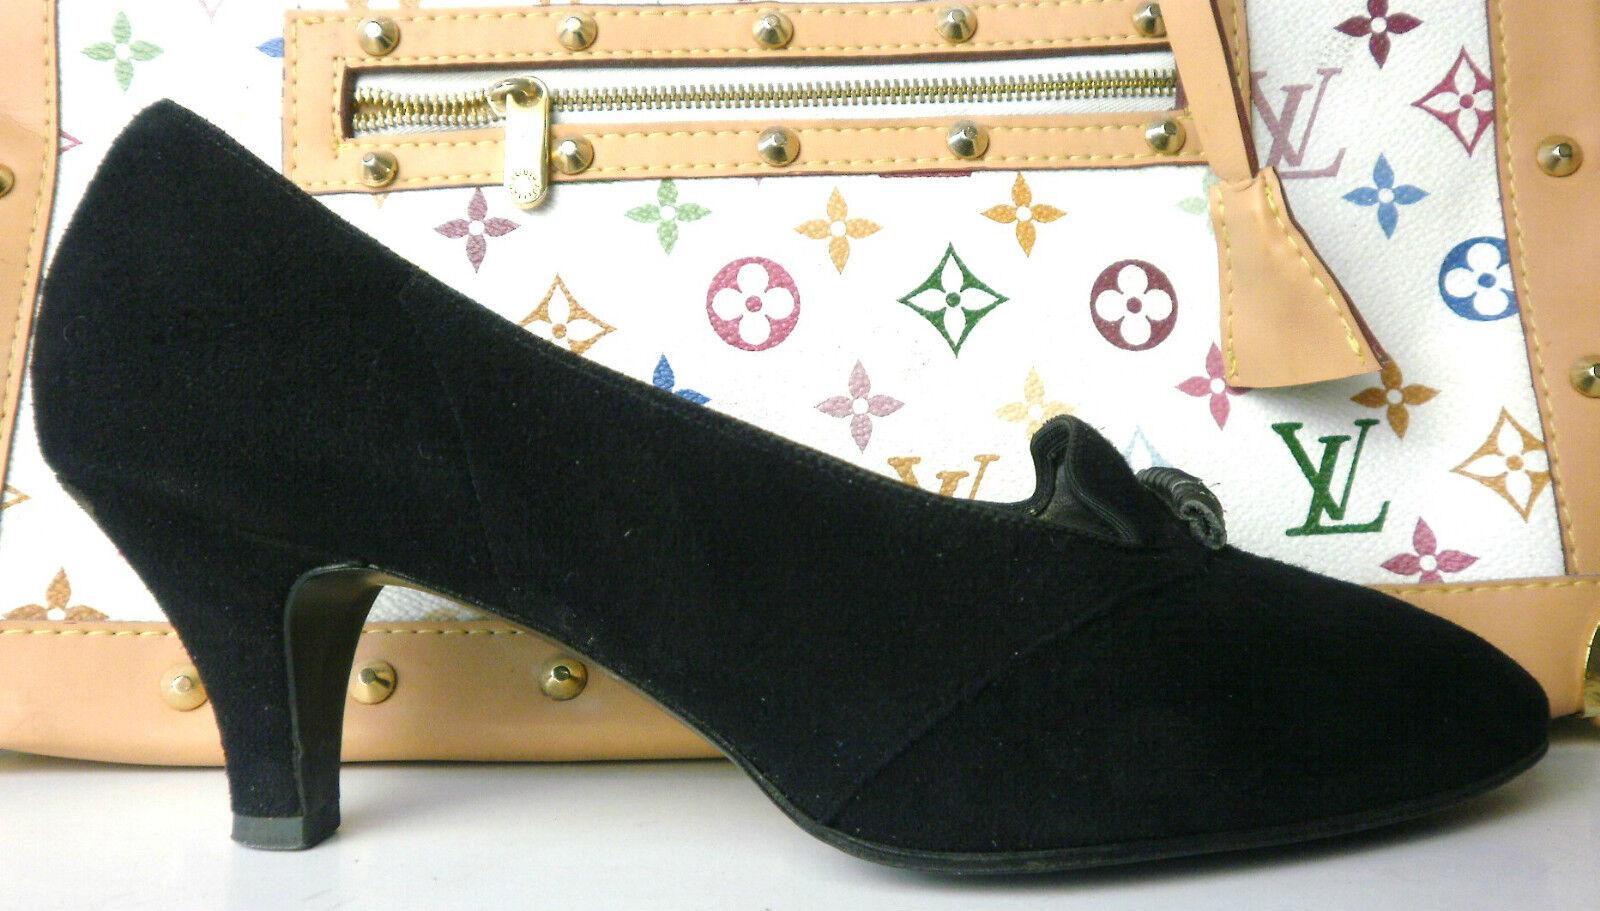 Salamander COMOD Damen Damen Damen Pumps 50er TRUE VINTAGE 50s schwarz Fußbett EUR 37 UK 4,5 37fc6d